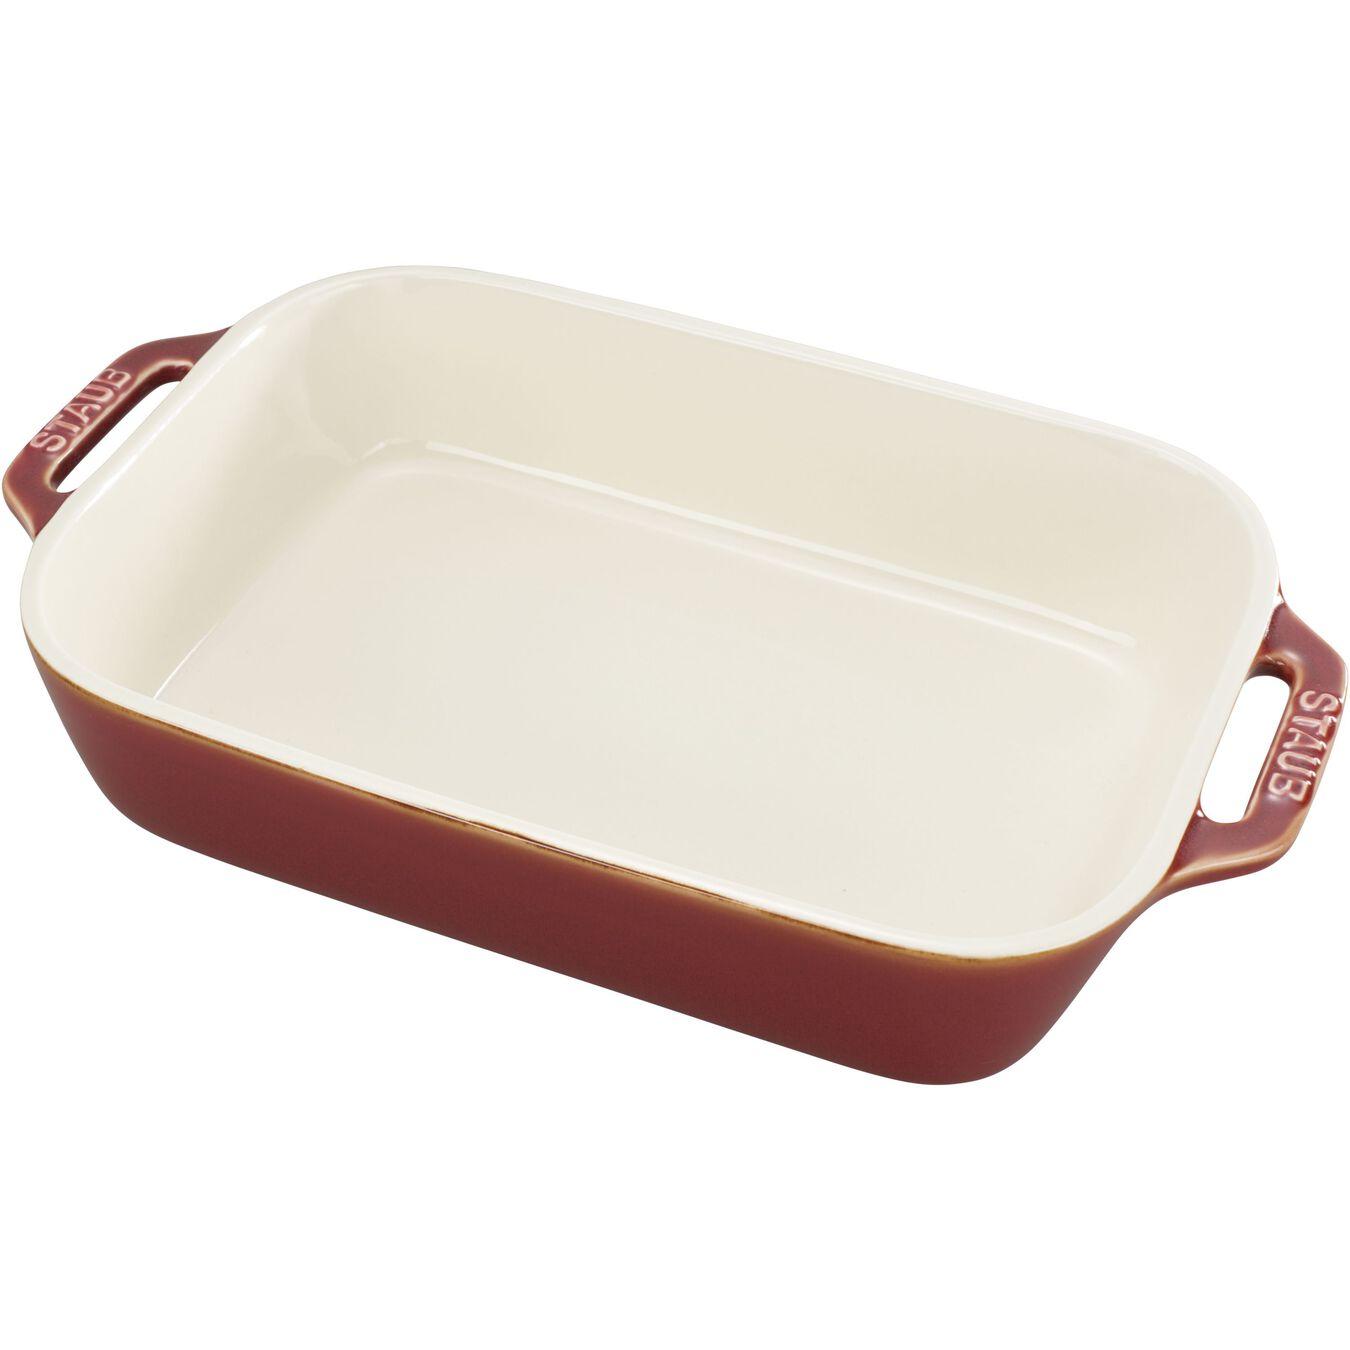 2-pc, rectangular, Baking Dish Set, rustic red,,large 4